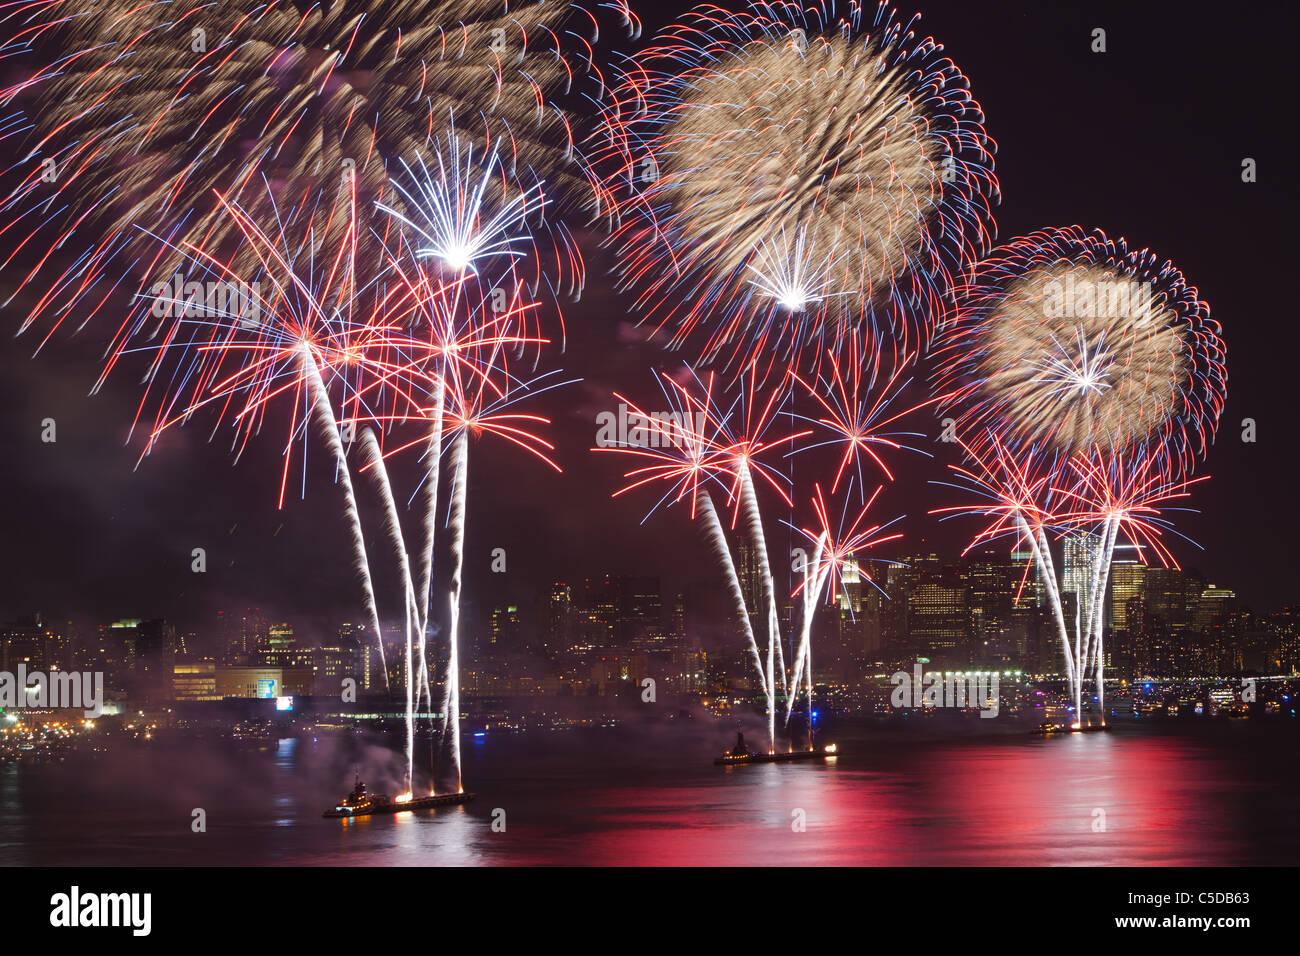 Macy's le 4 juillet feux d'artifice le ciel au-dessus de la rivière Hudson à New York. Banque D'Images